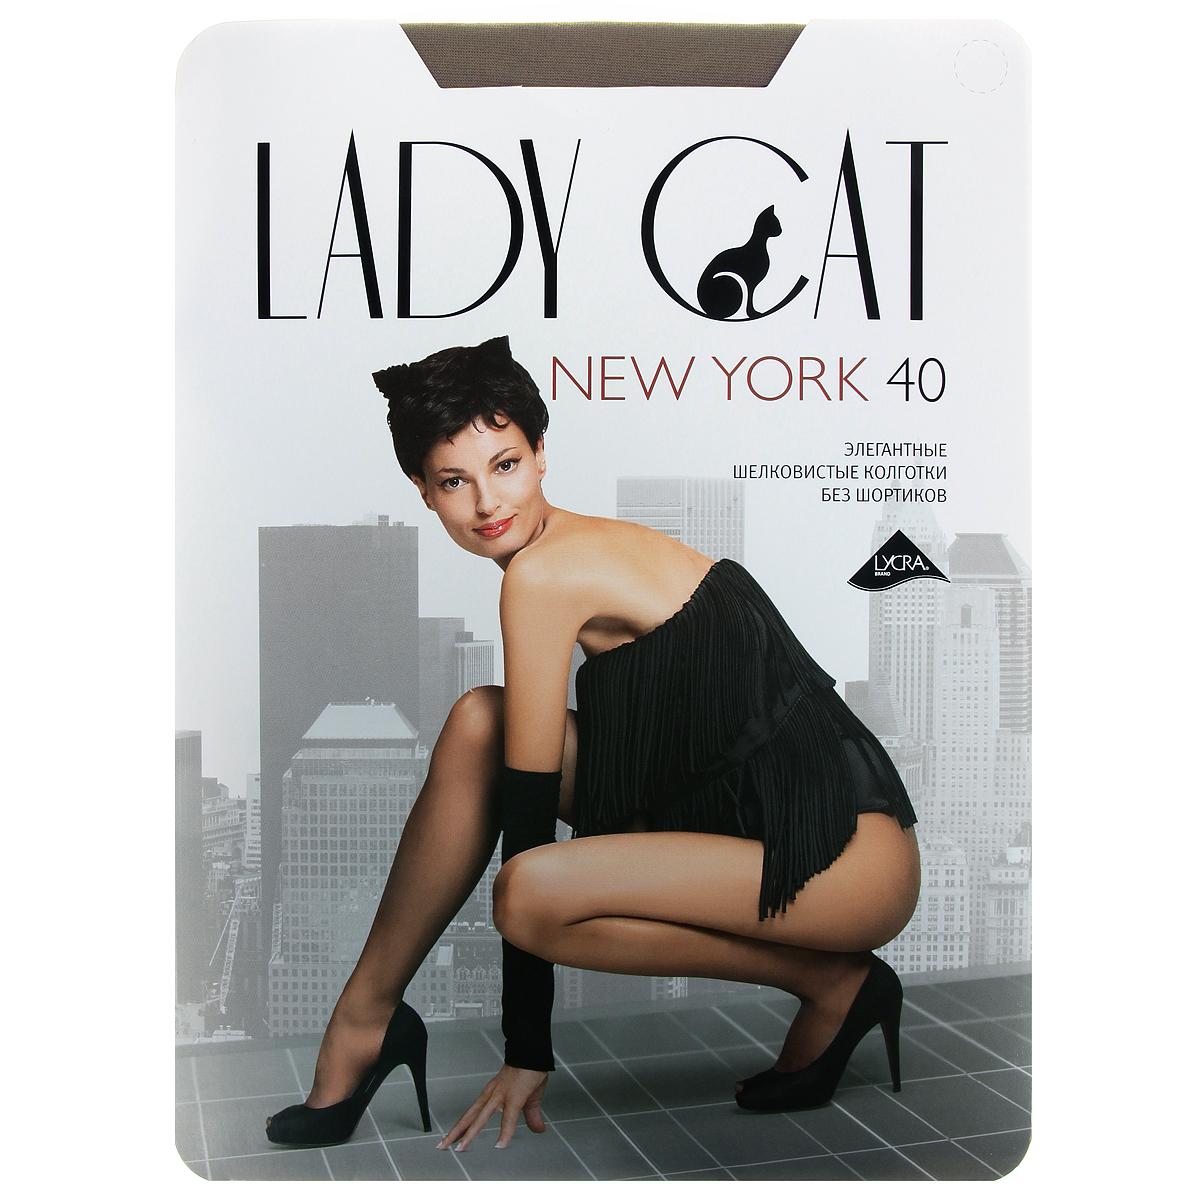 Колготки Грация Lady Cat New York 40, цвет: телесный. Размер 6 колготки грация lady cat new york 40 цвет телесный размер 6